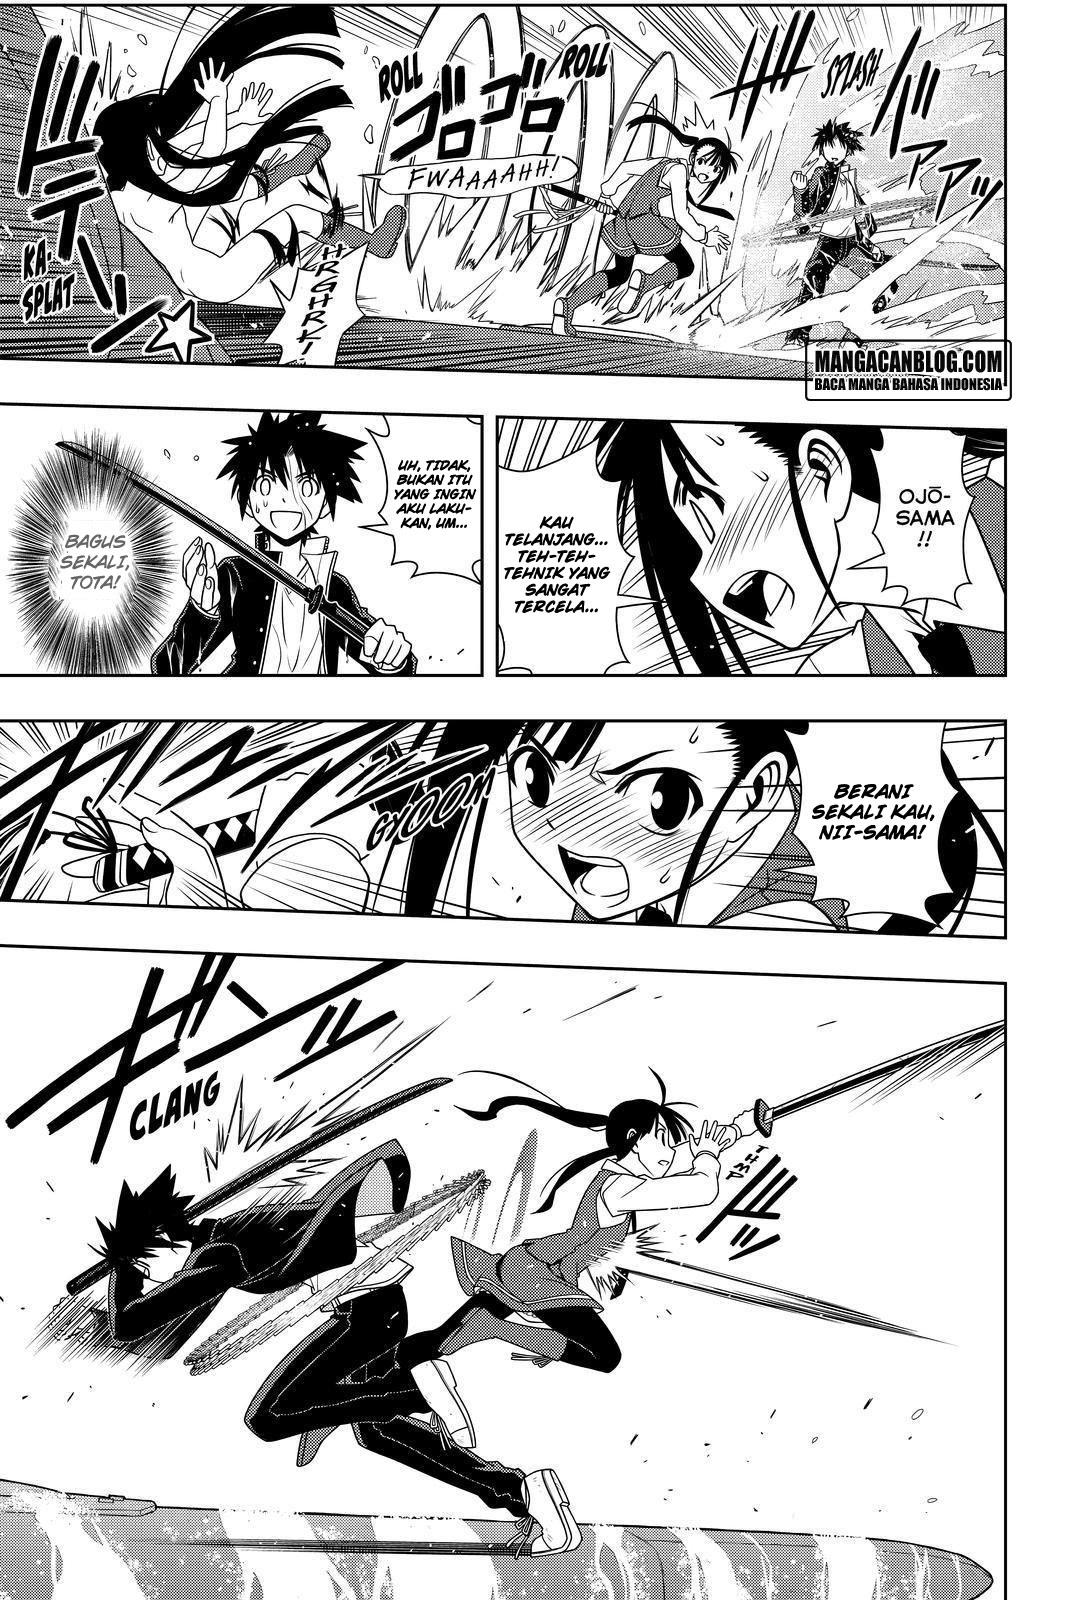 Komik uq holder 113 - ayo pergi dengan metode kekerasan 114 Indonesia uq holder 113 - ayo pergi dengan metode kekerasan Terbaru 13|Baca Manga Komik Indonesia